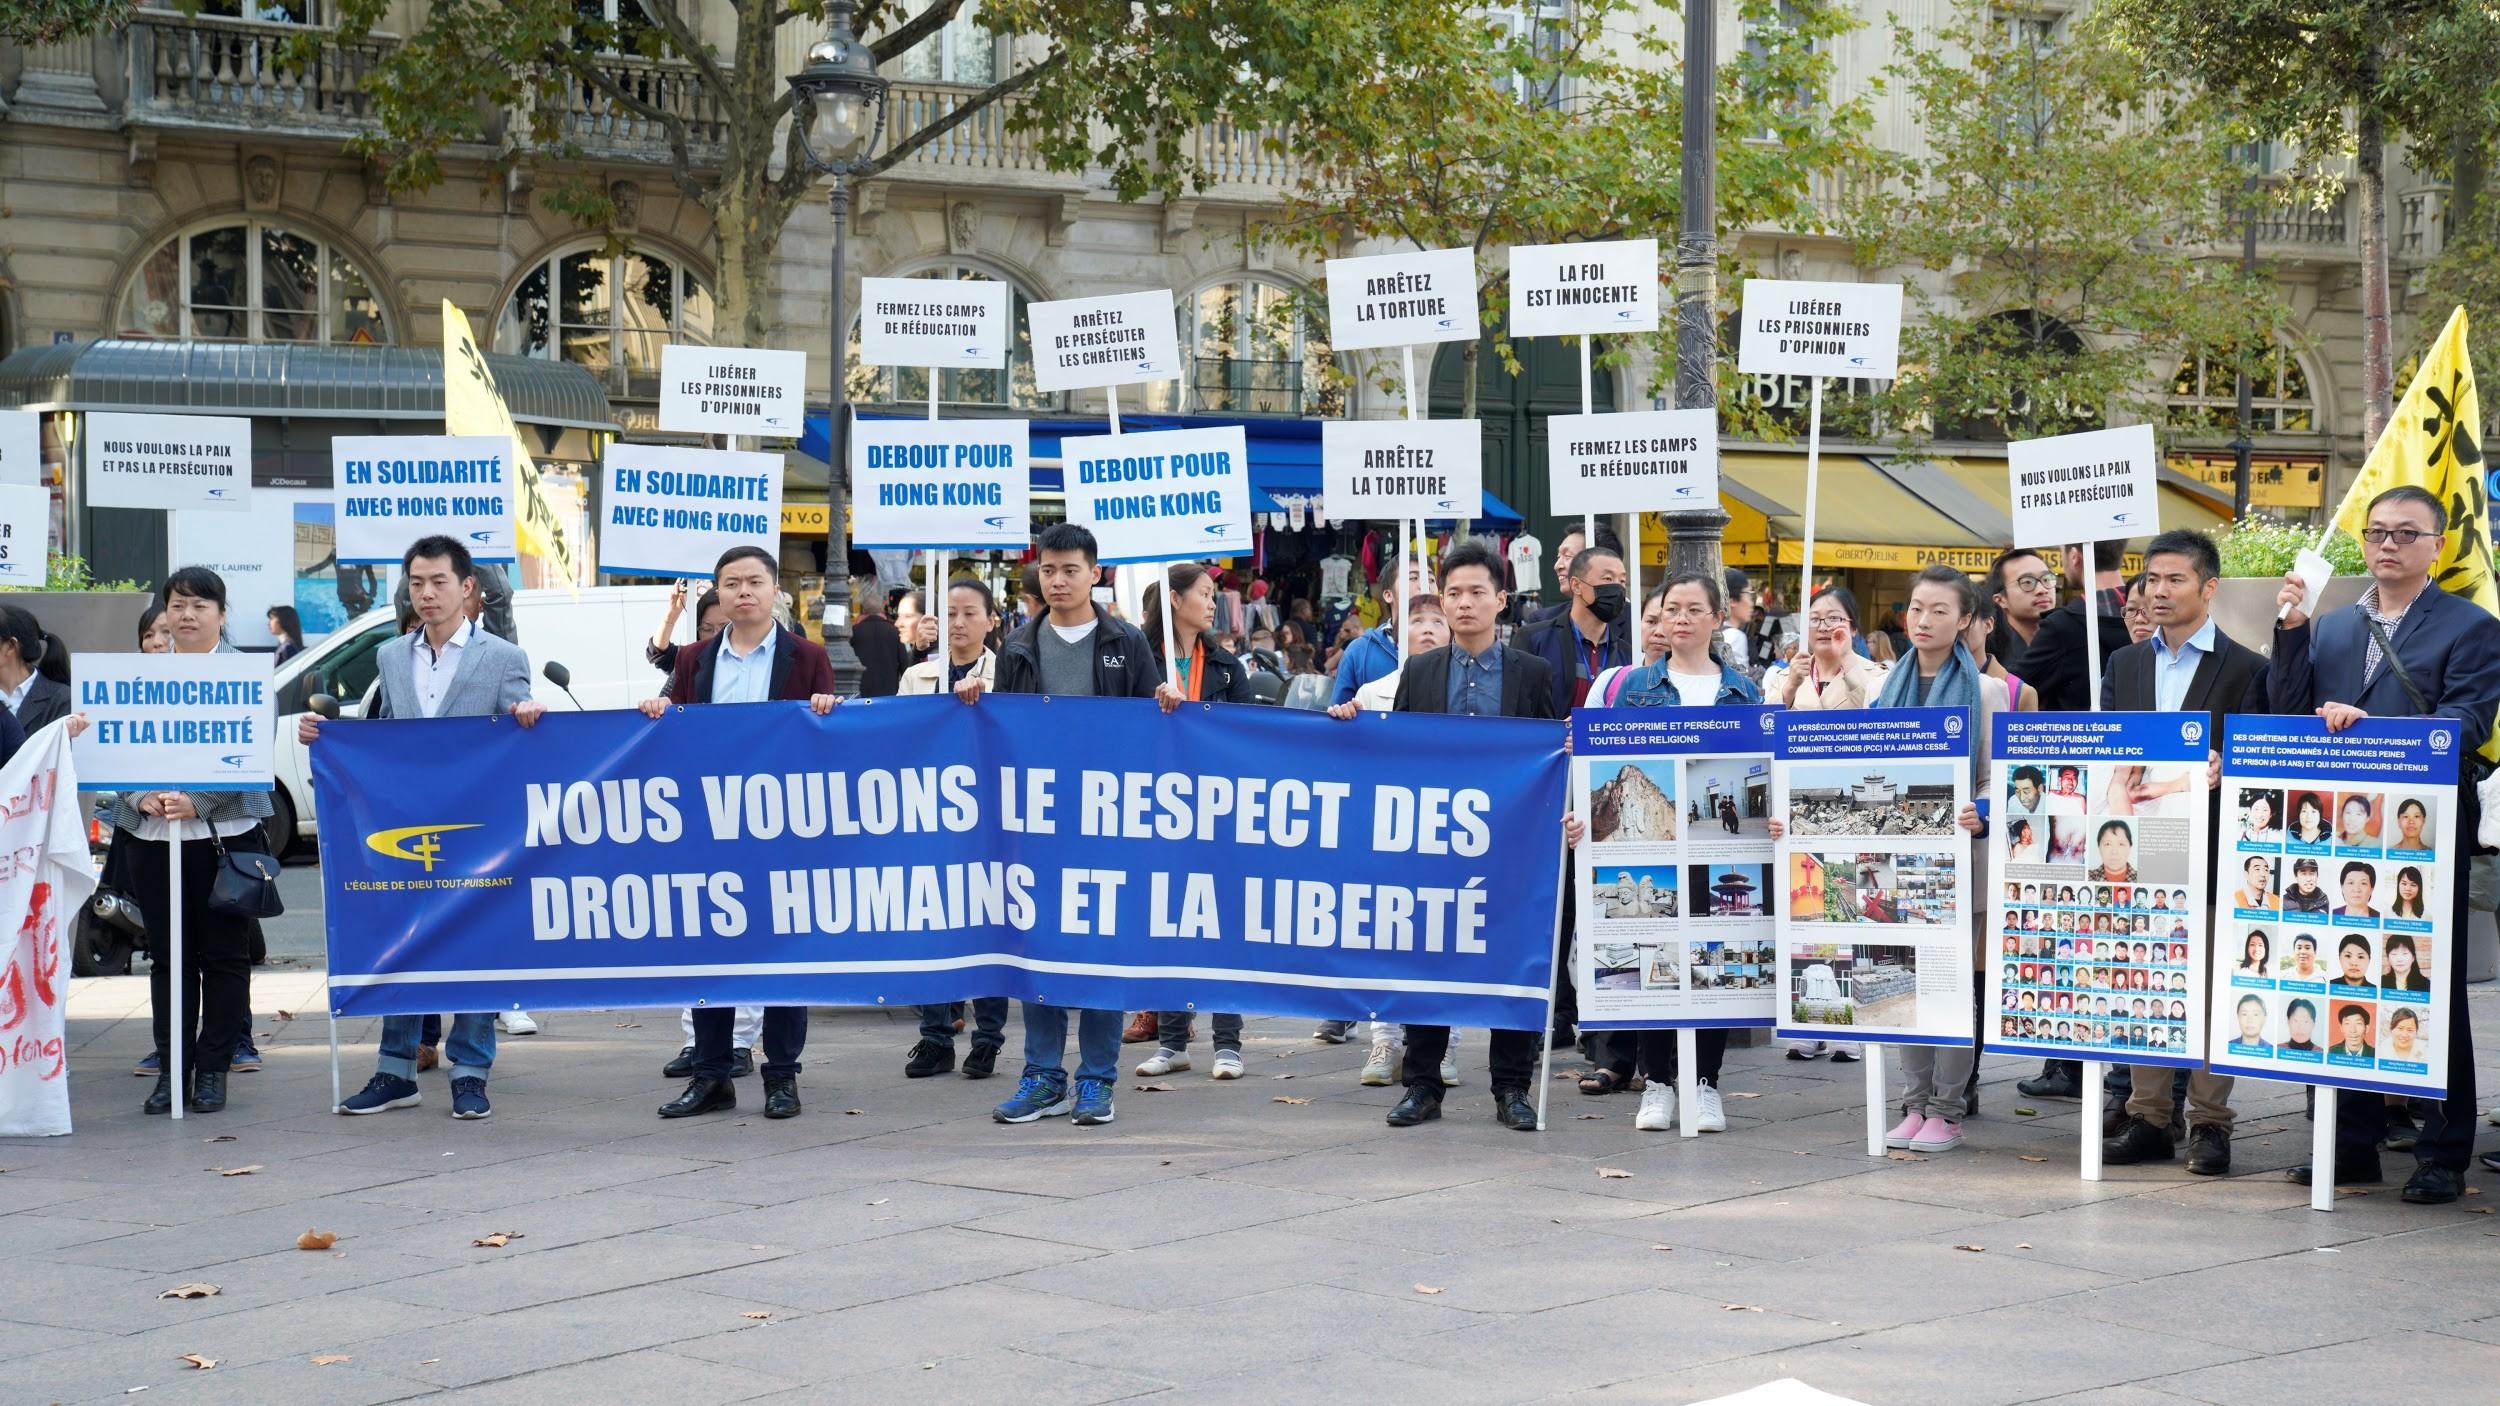 全能神教会基督徒参加示威活动